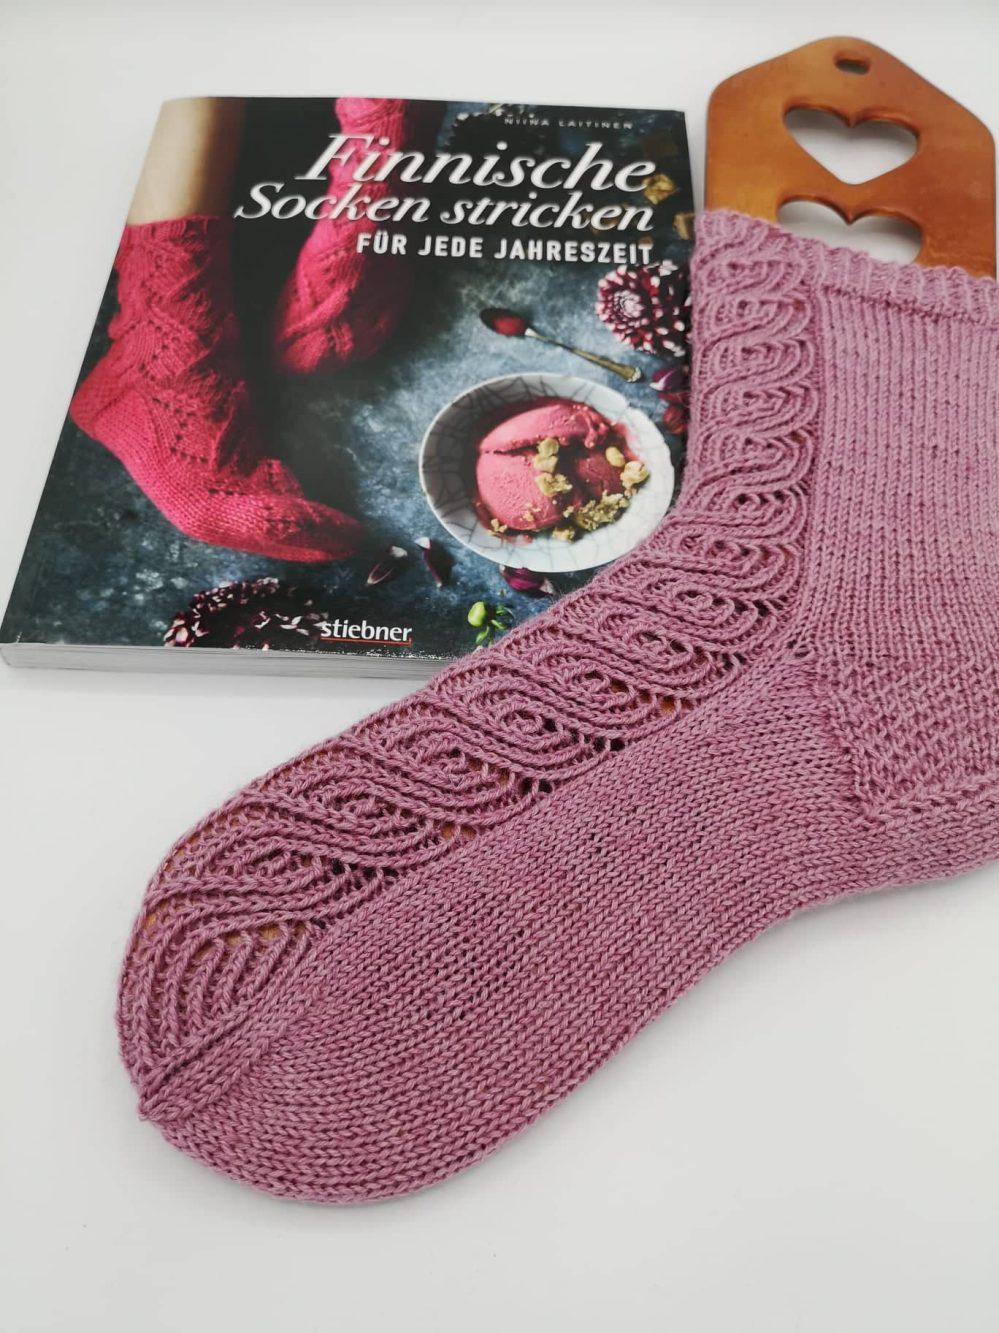 Finnische Socken stricken (6)